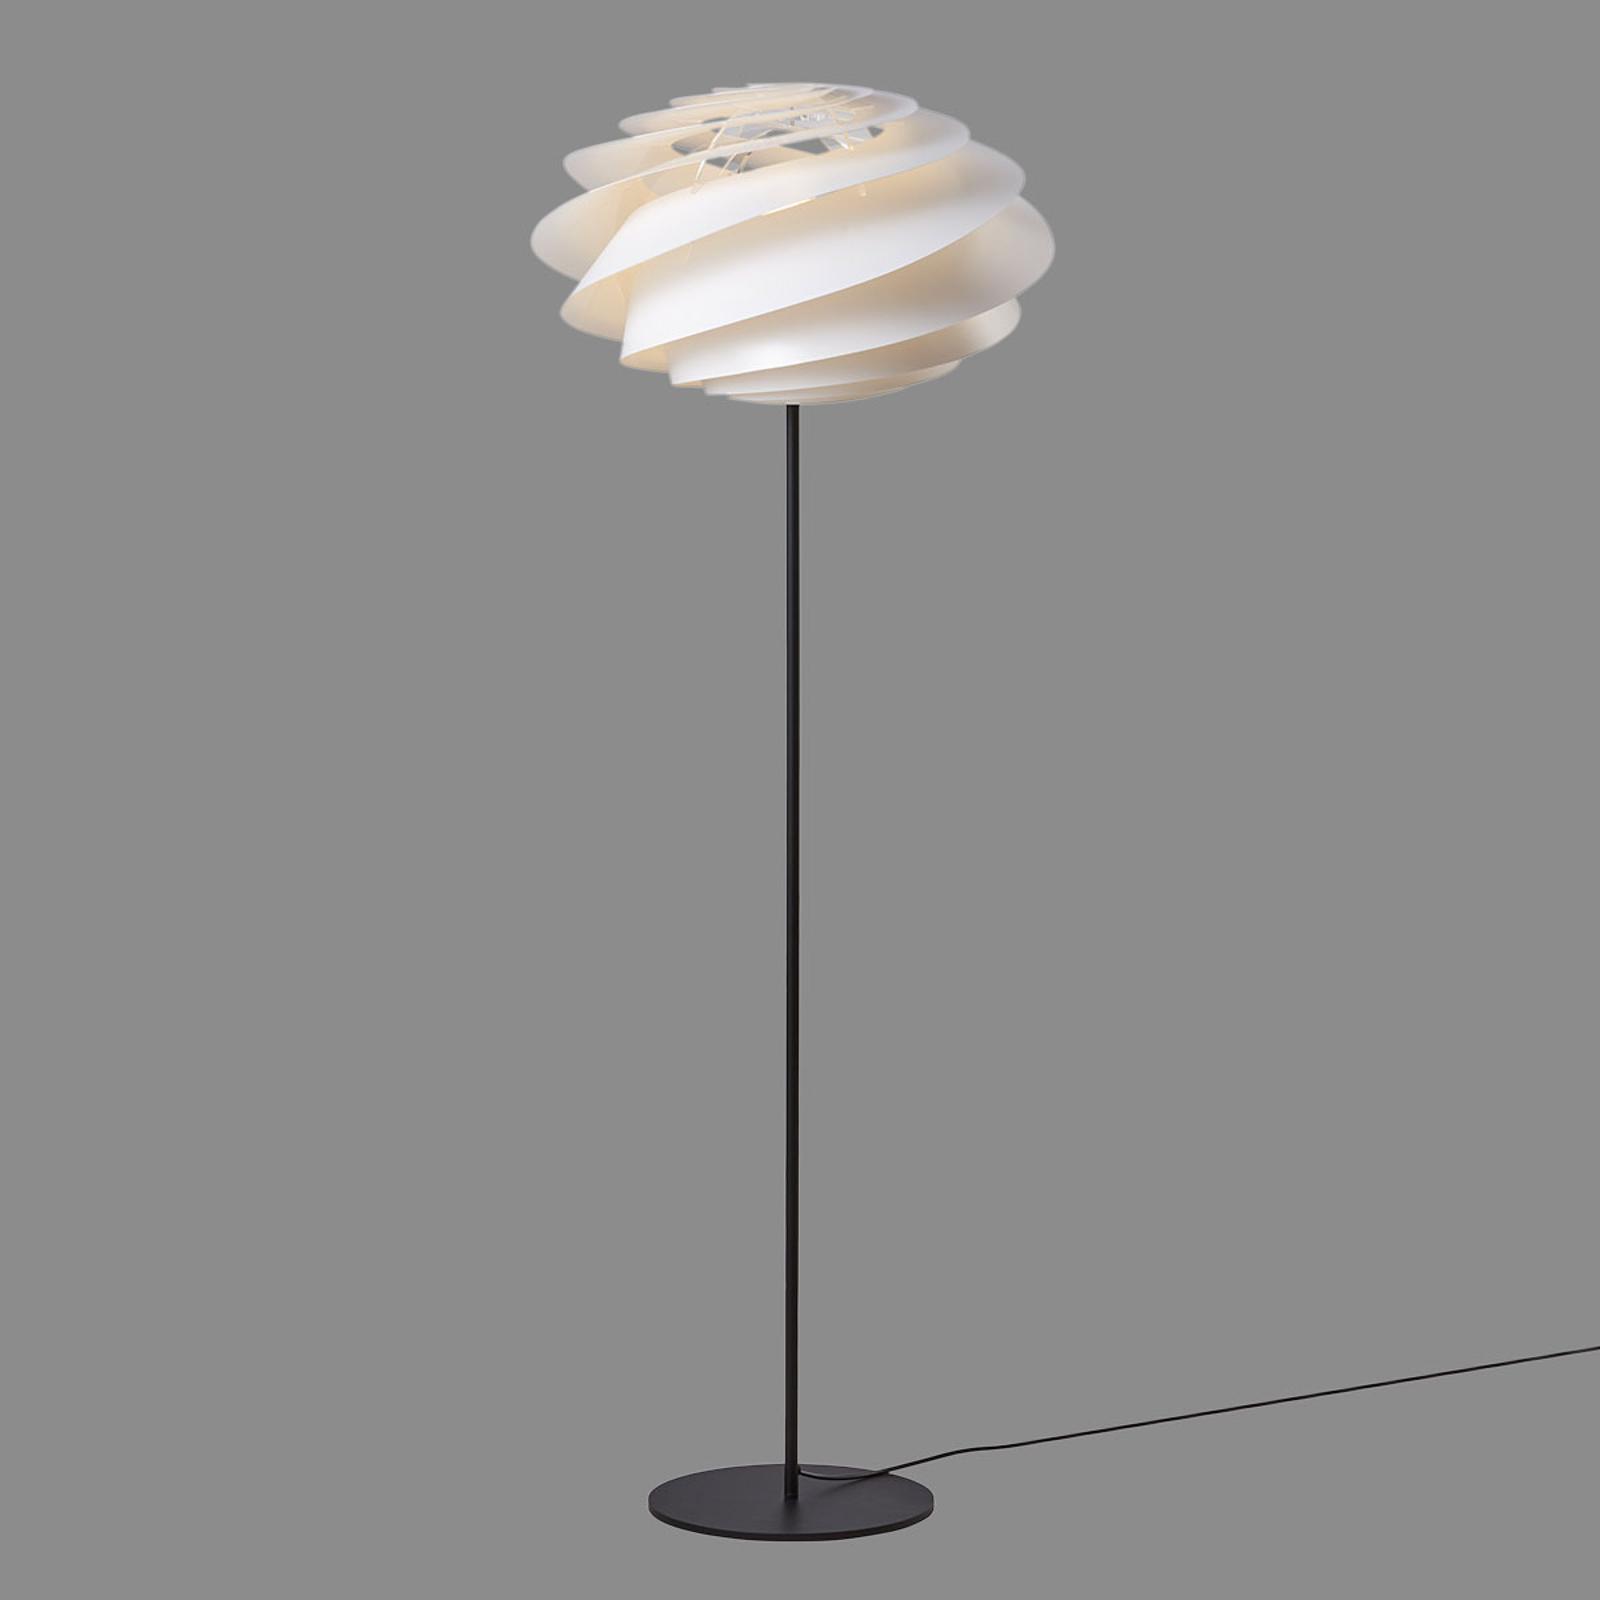 LE KLINT Swirl lampada da terra di design, bianco